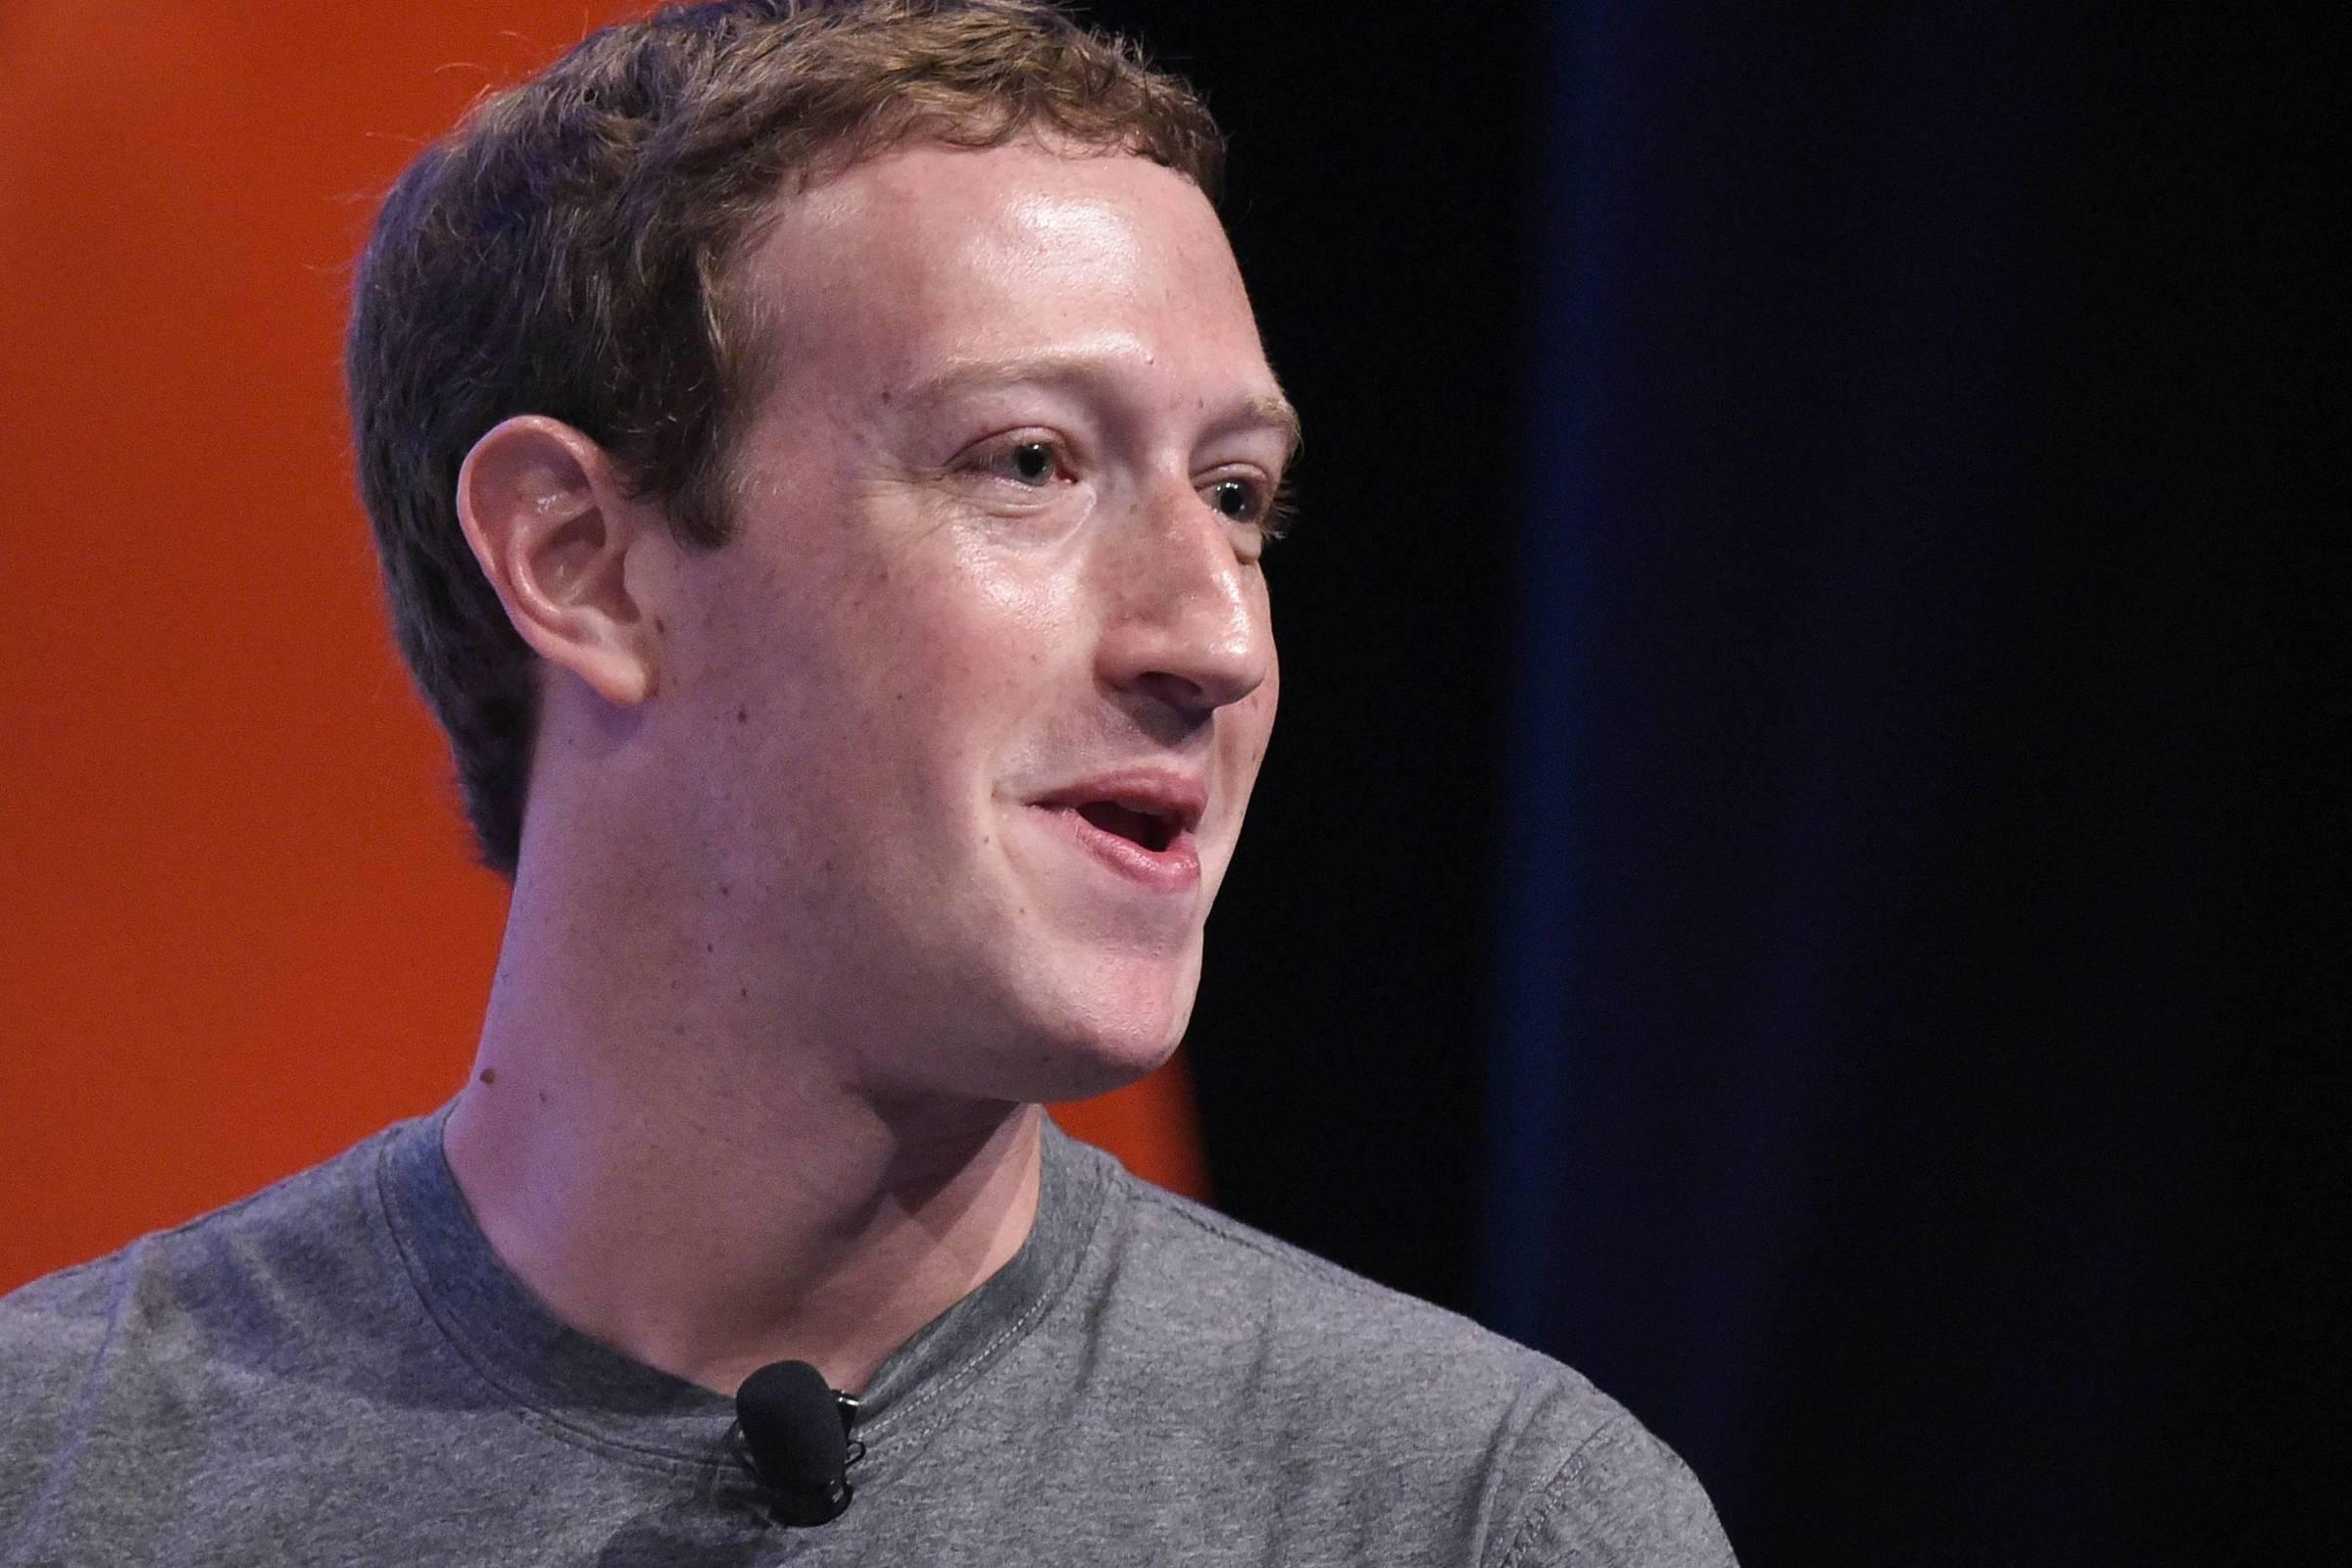 Quem instala o app escolhe ceder os dados, diz Facebook